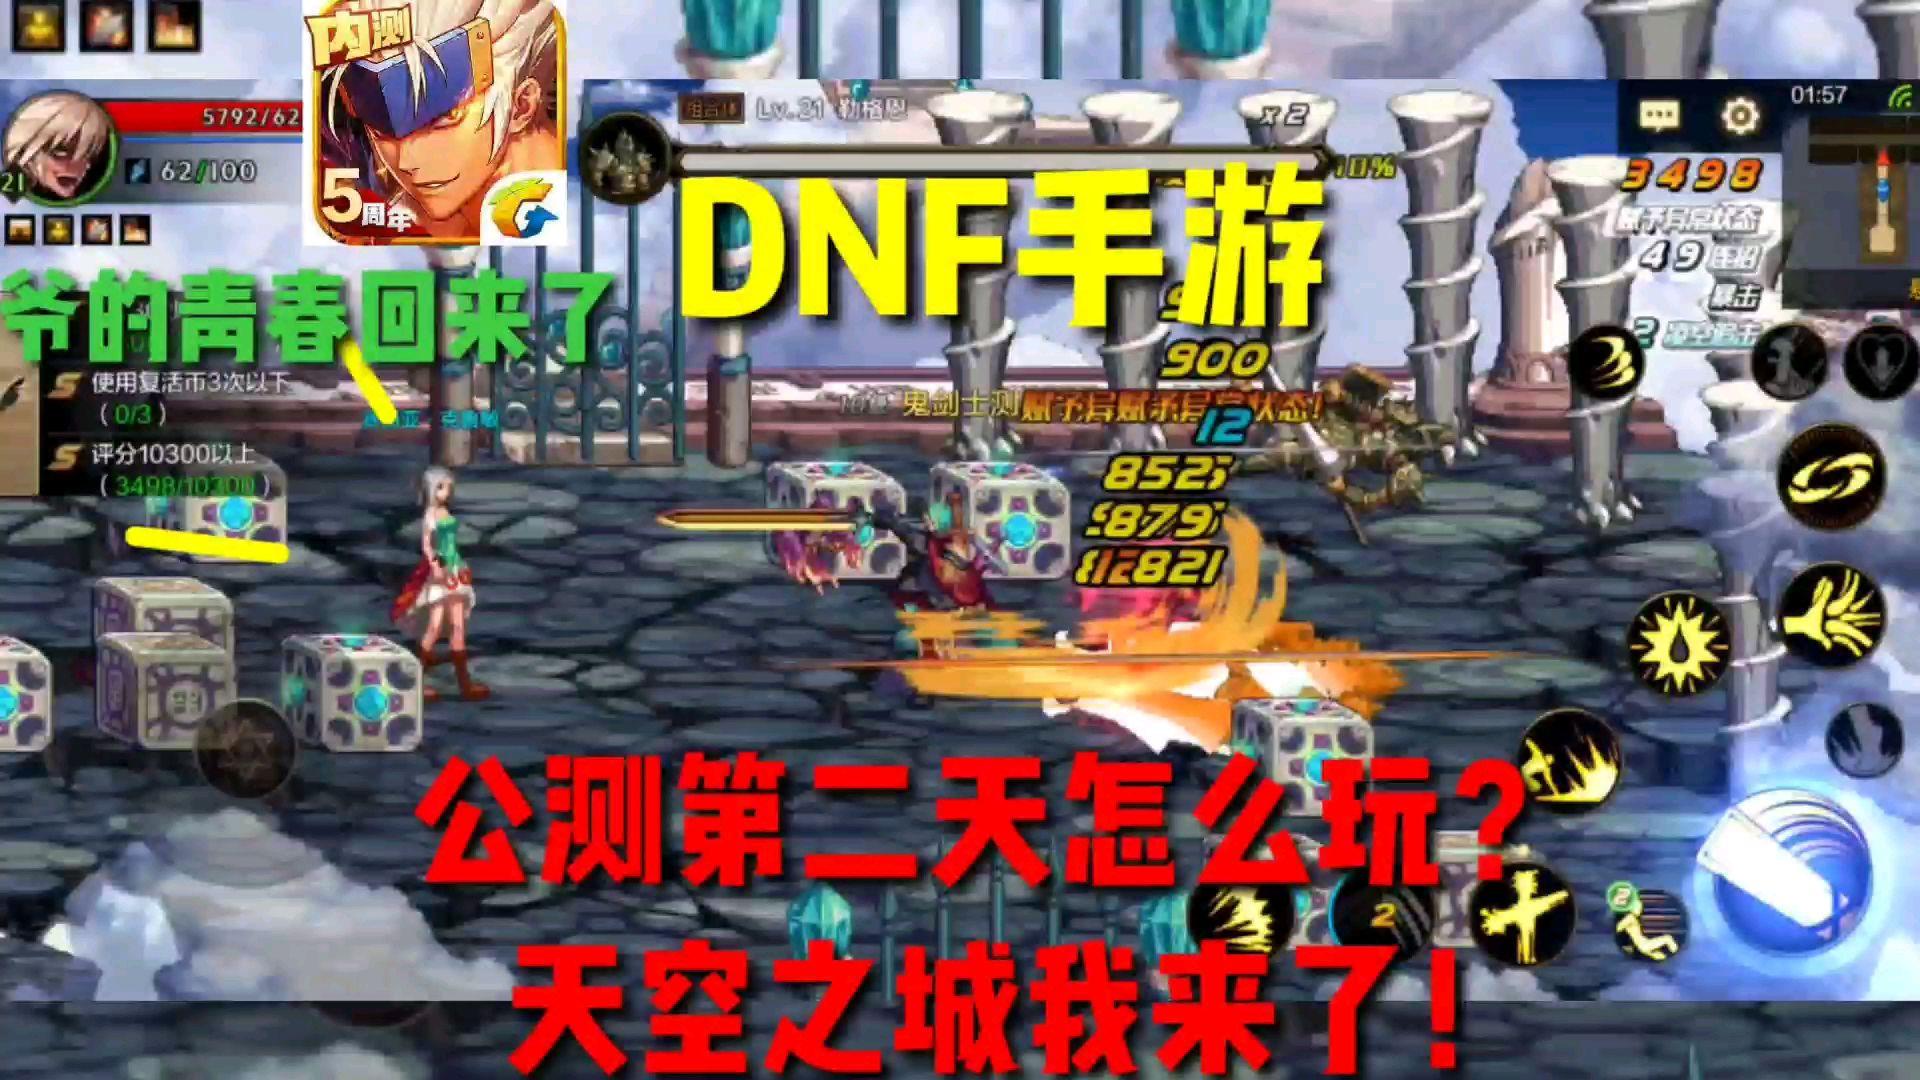 【DNF手游】公测上线的第二天怎么玩?干货分享,公测快人一步!